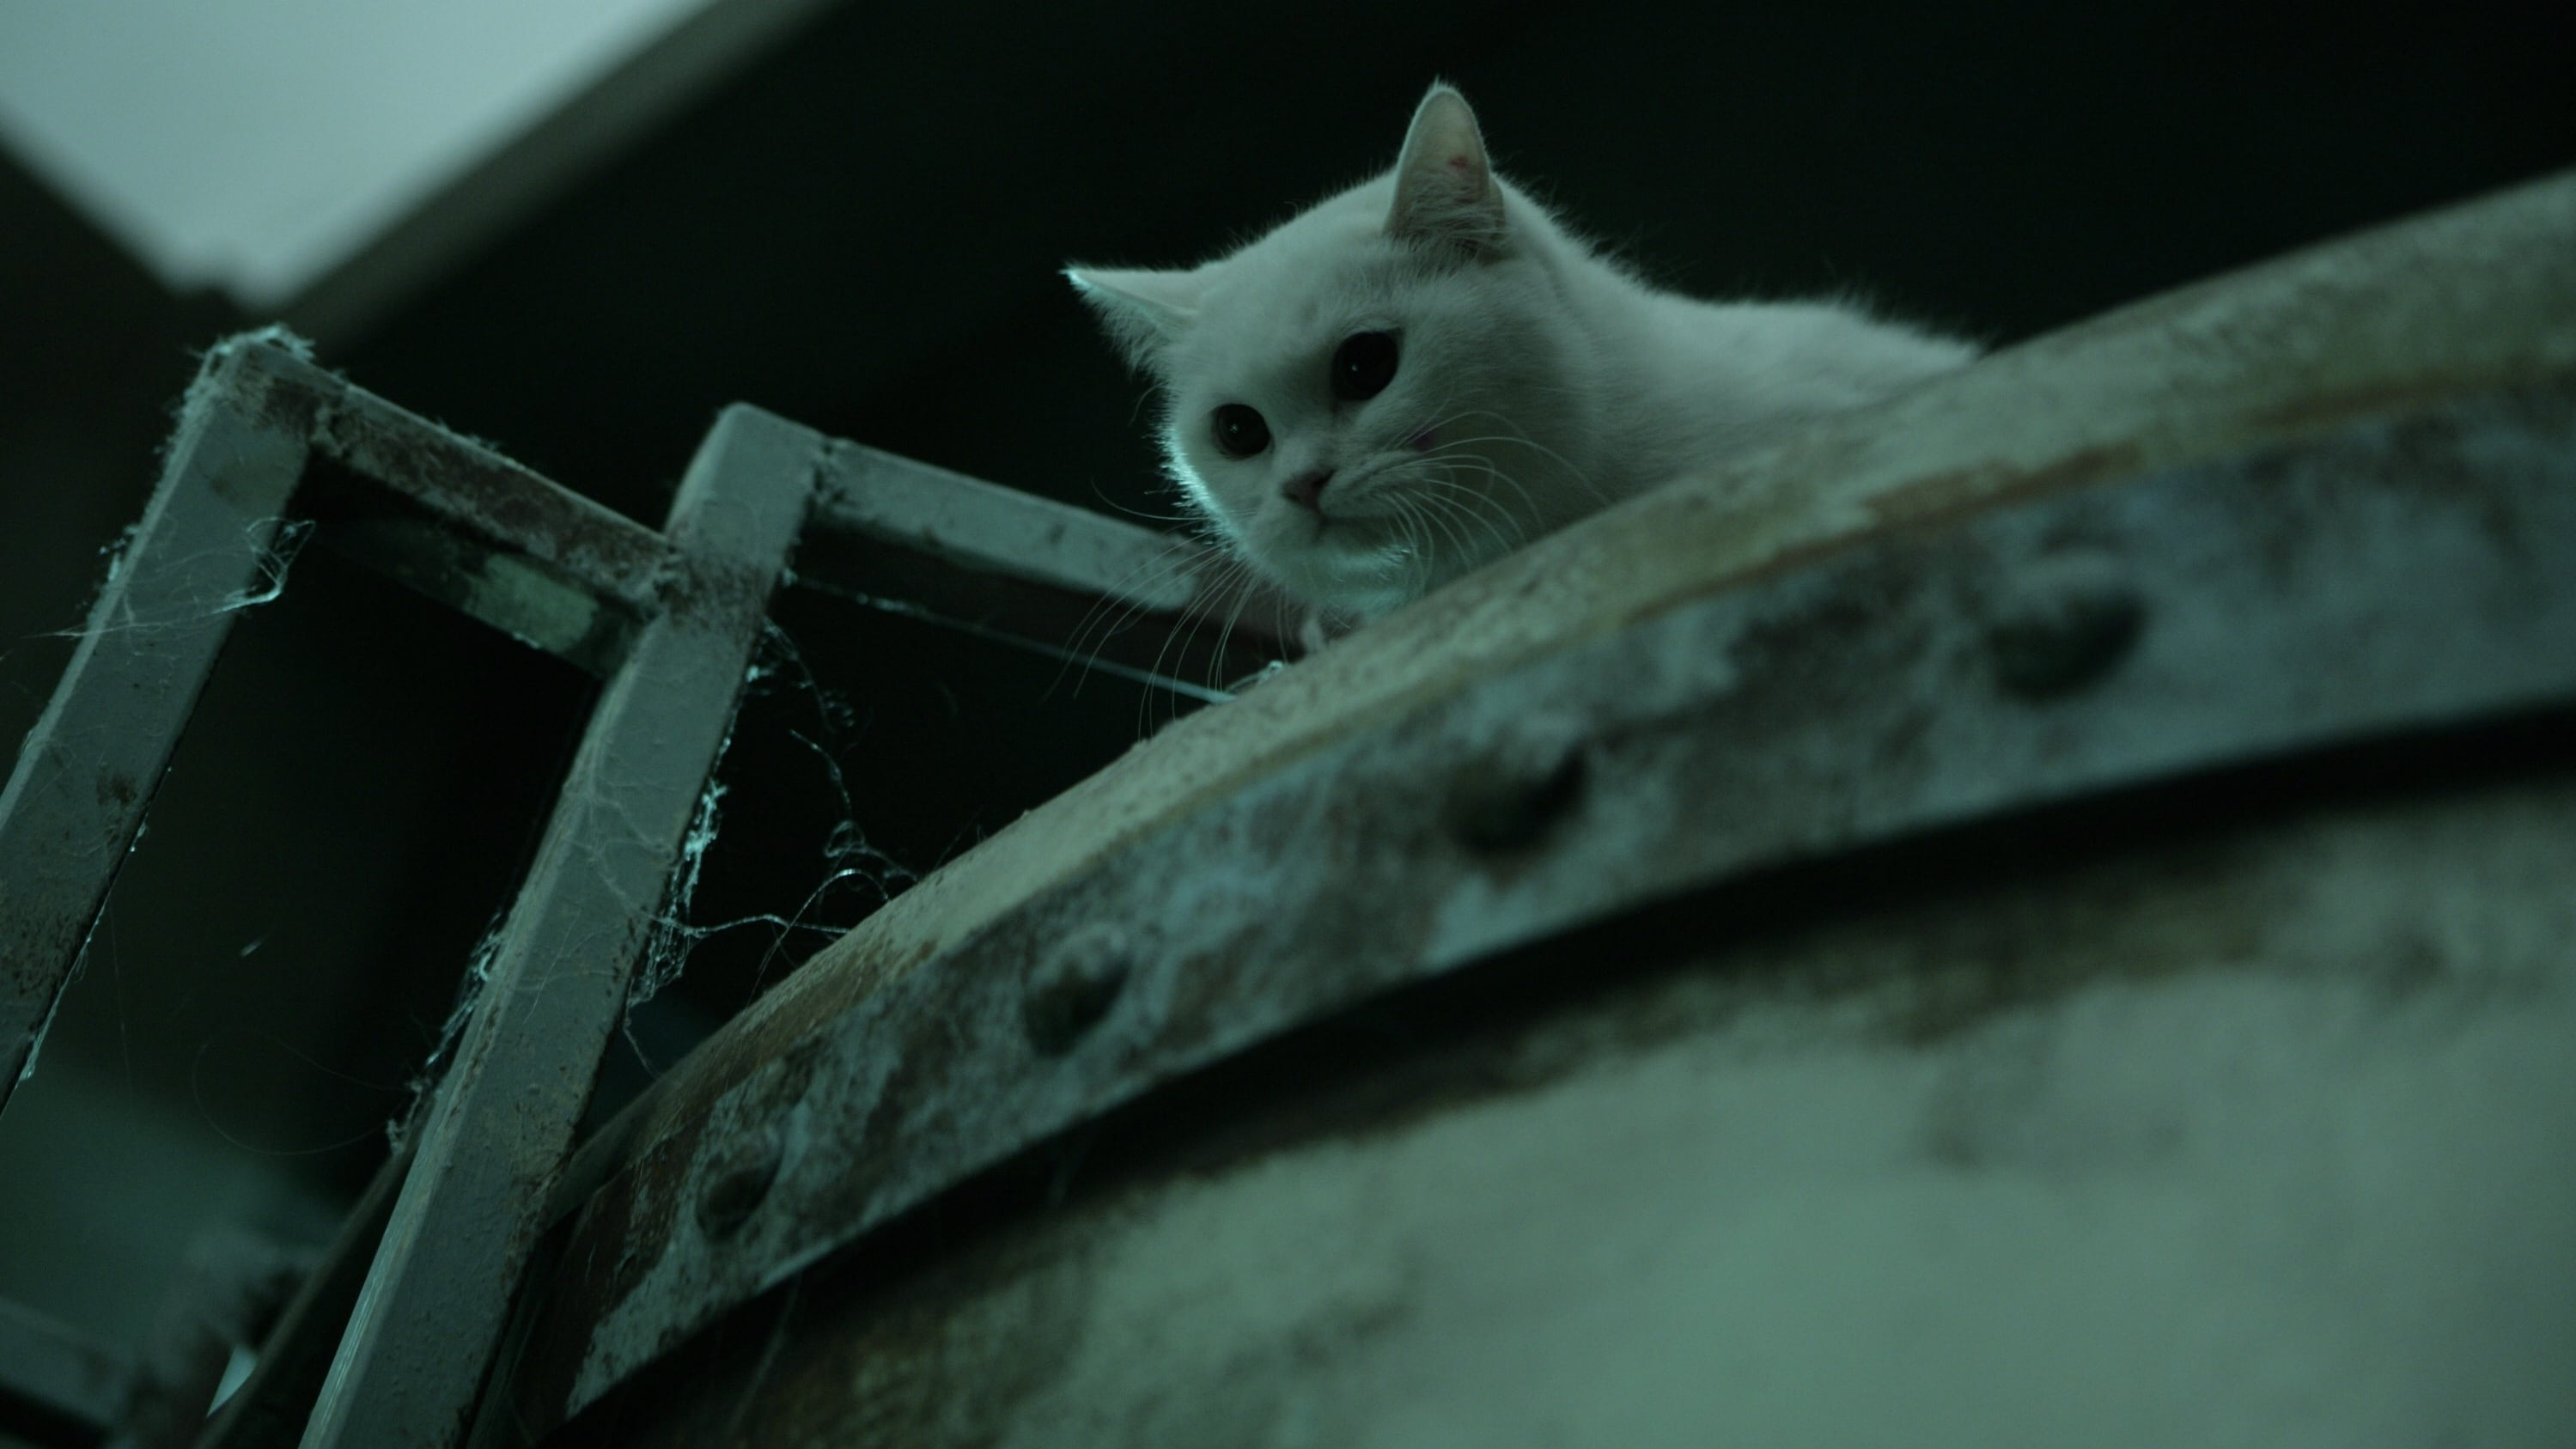 고양이: 죽음을 보는 두 개의 눈 (2011)